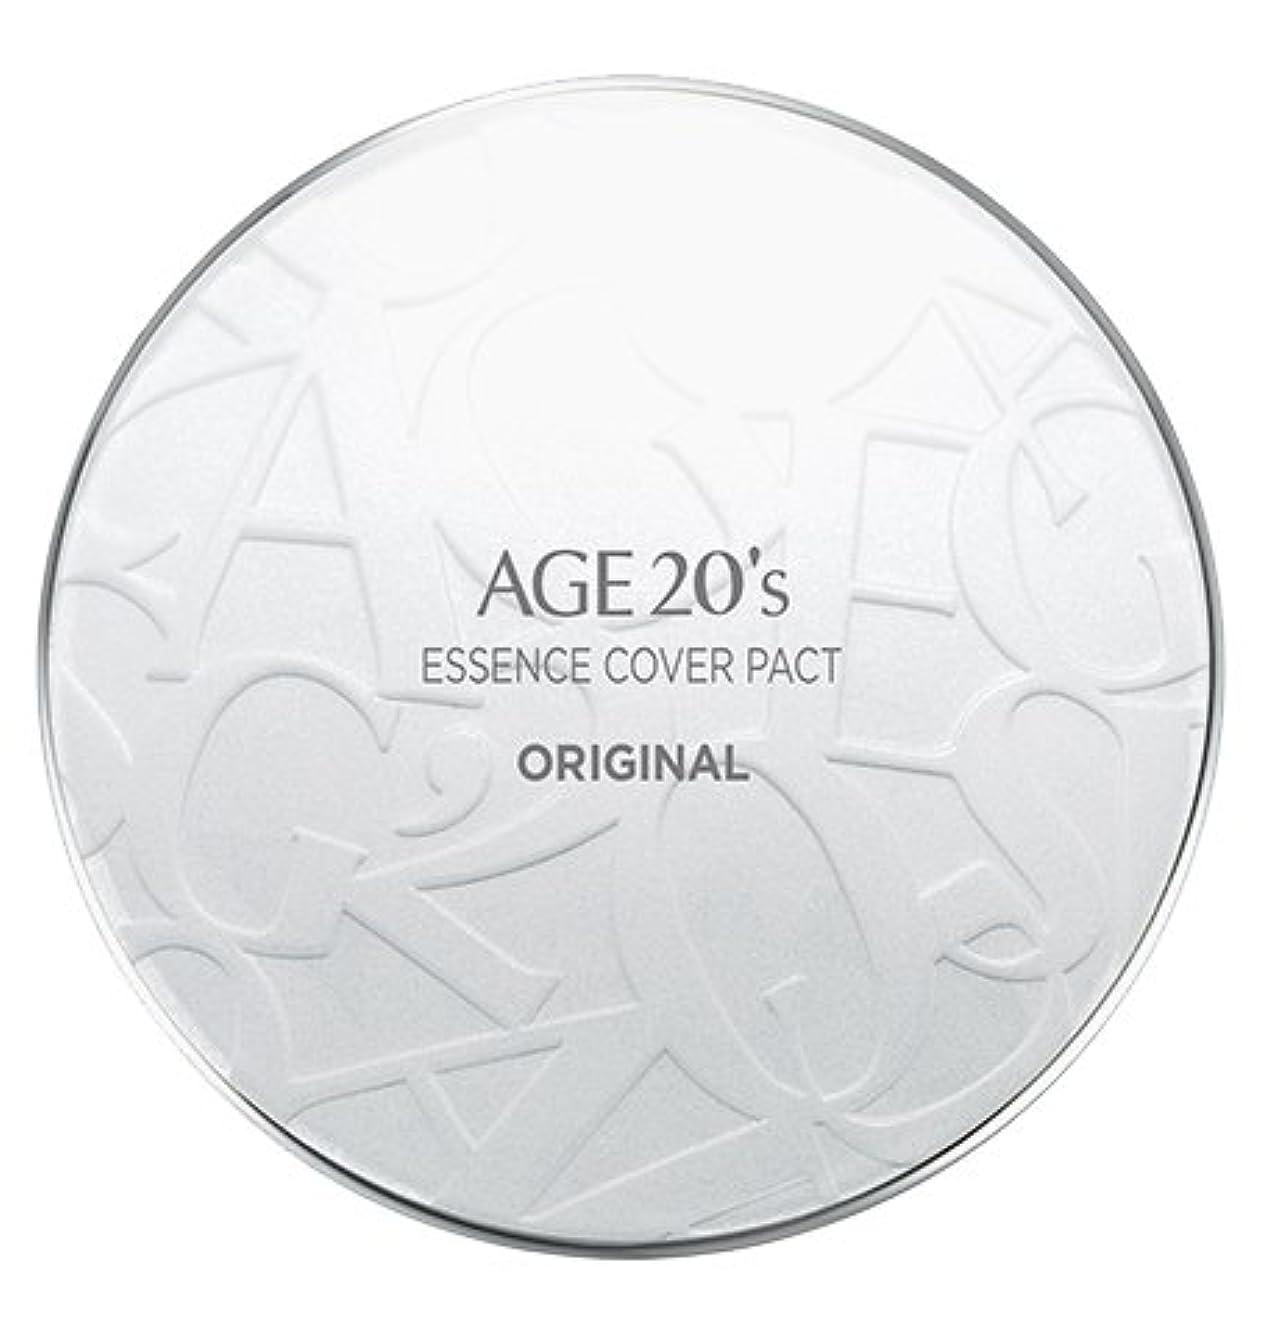 またはどちらか飲食店圧力AGE 20's Essence Cover Pact Original [White Latte] 12.5g + Refill 12.5g (#21)/エイジ 20's エッセンス カバー パクト オリジナル [ホワイトラテ] 12.5g + リフィル 12.5g (#21) [並行輸入品]